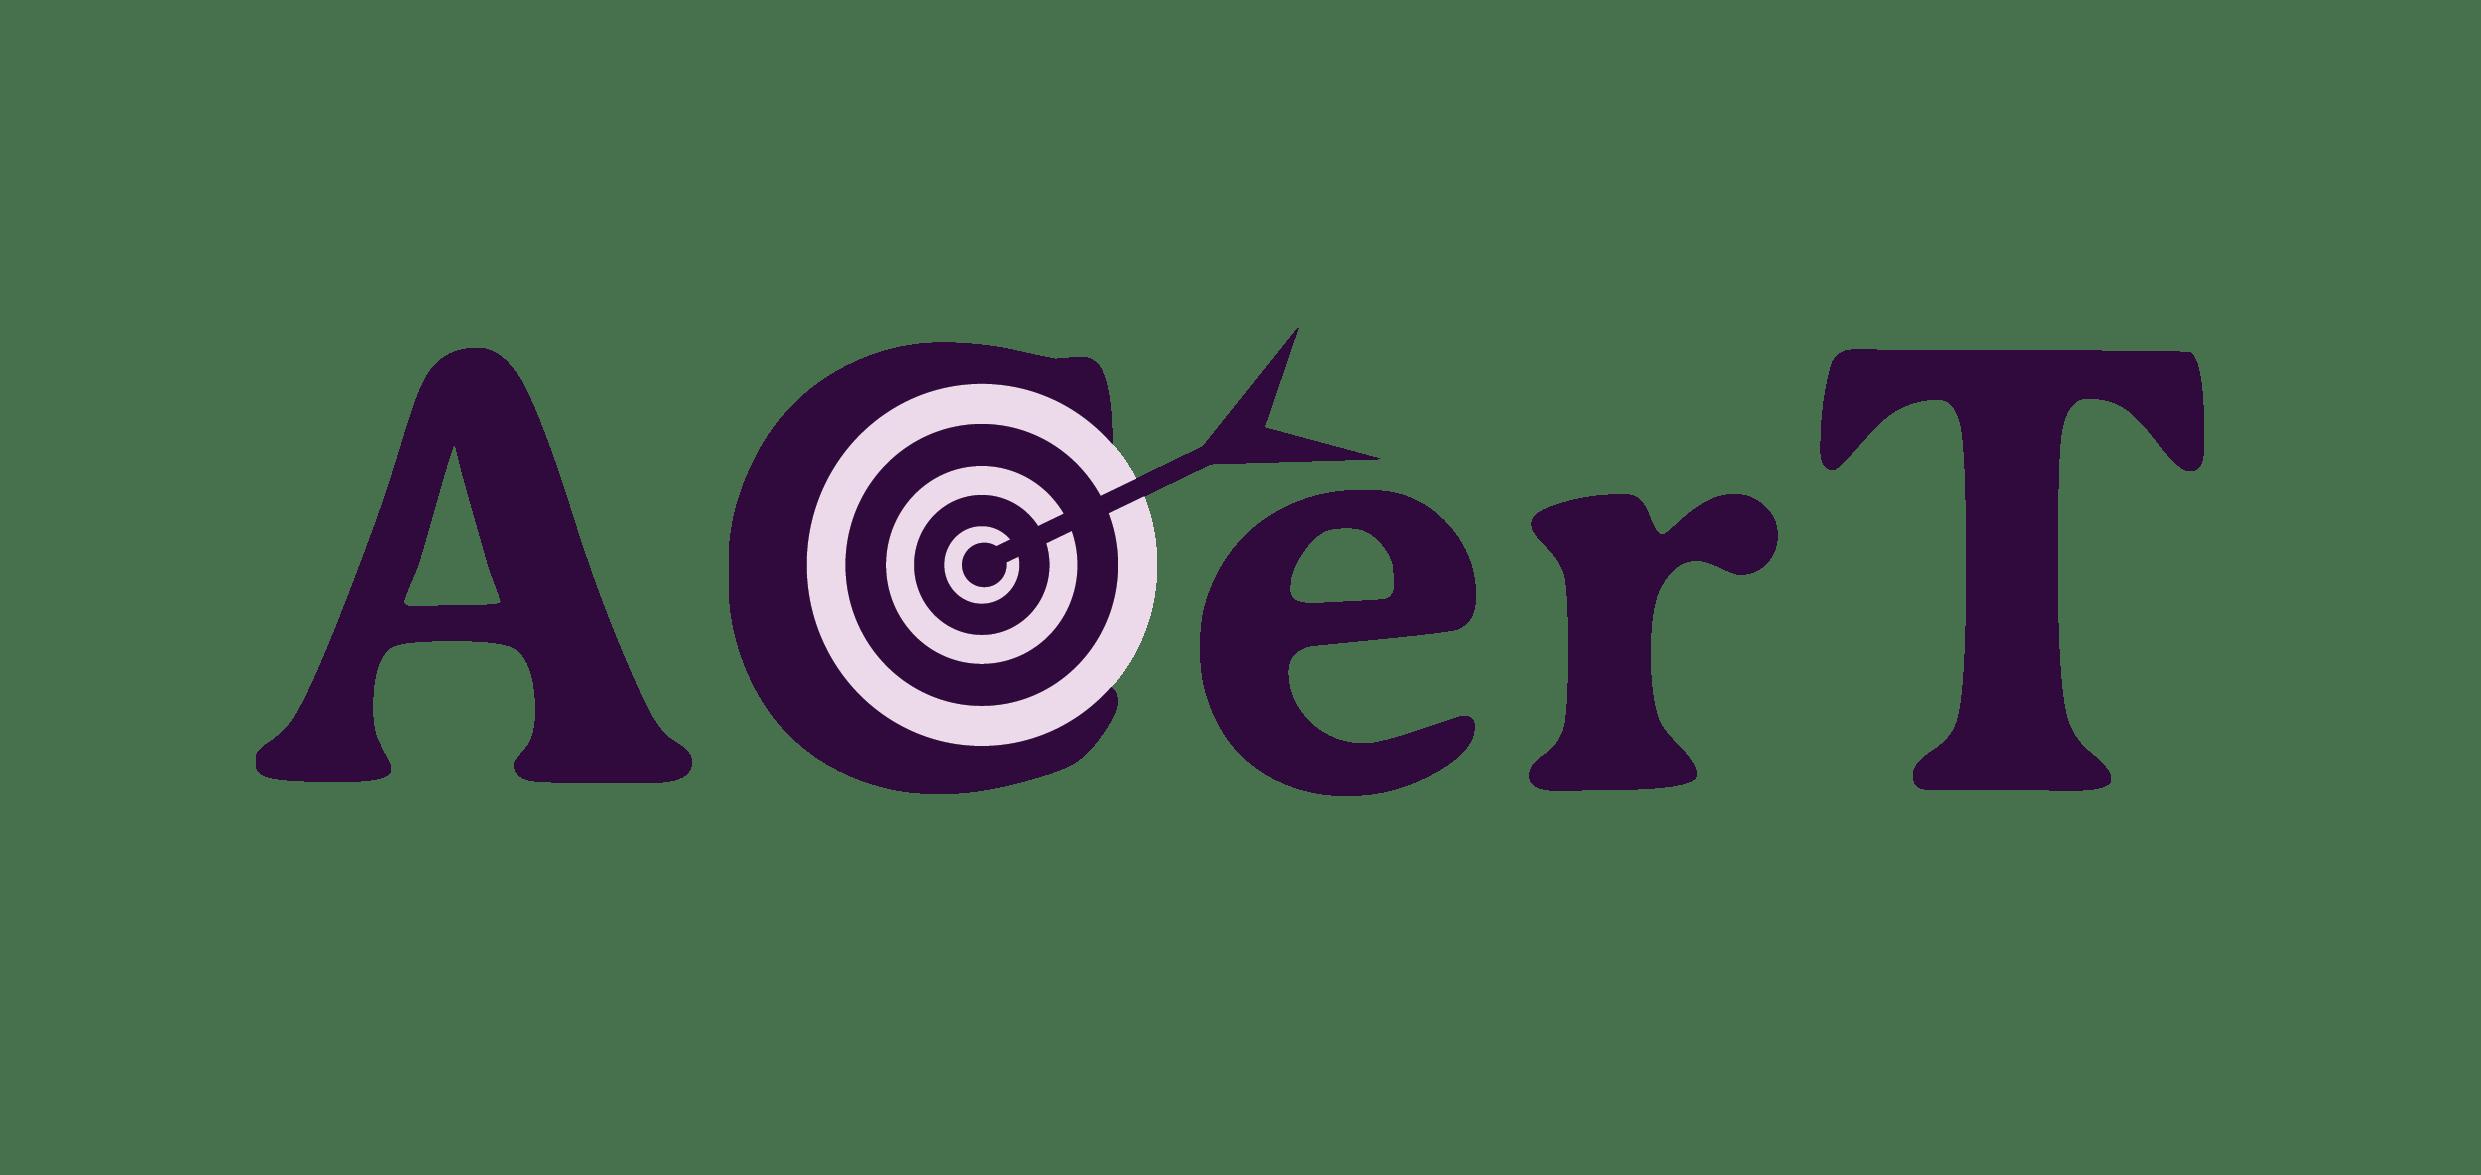 ACerT-1-logo